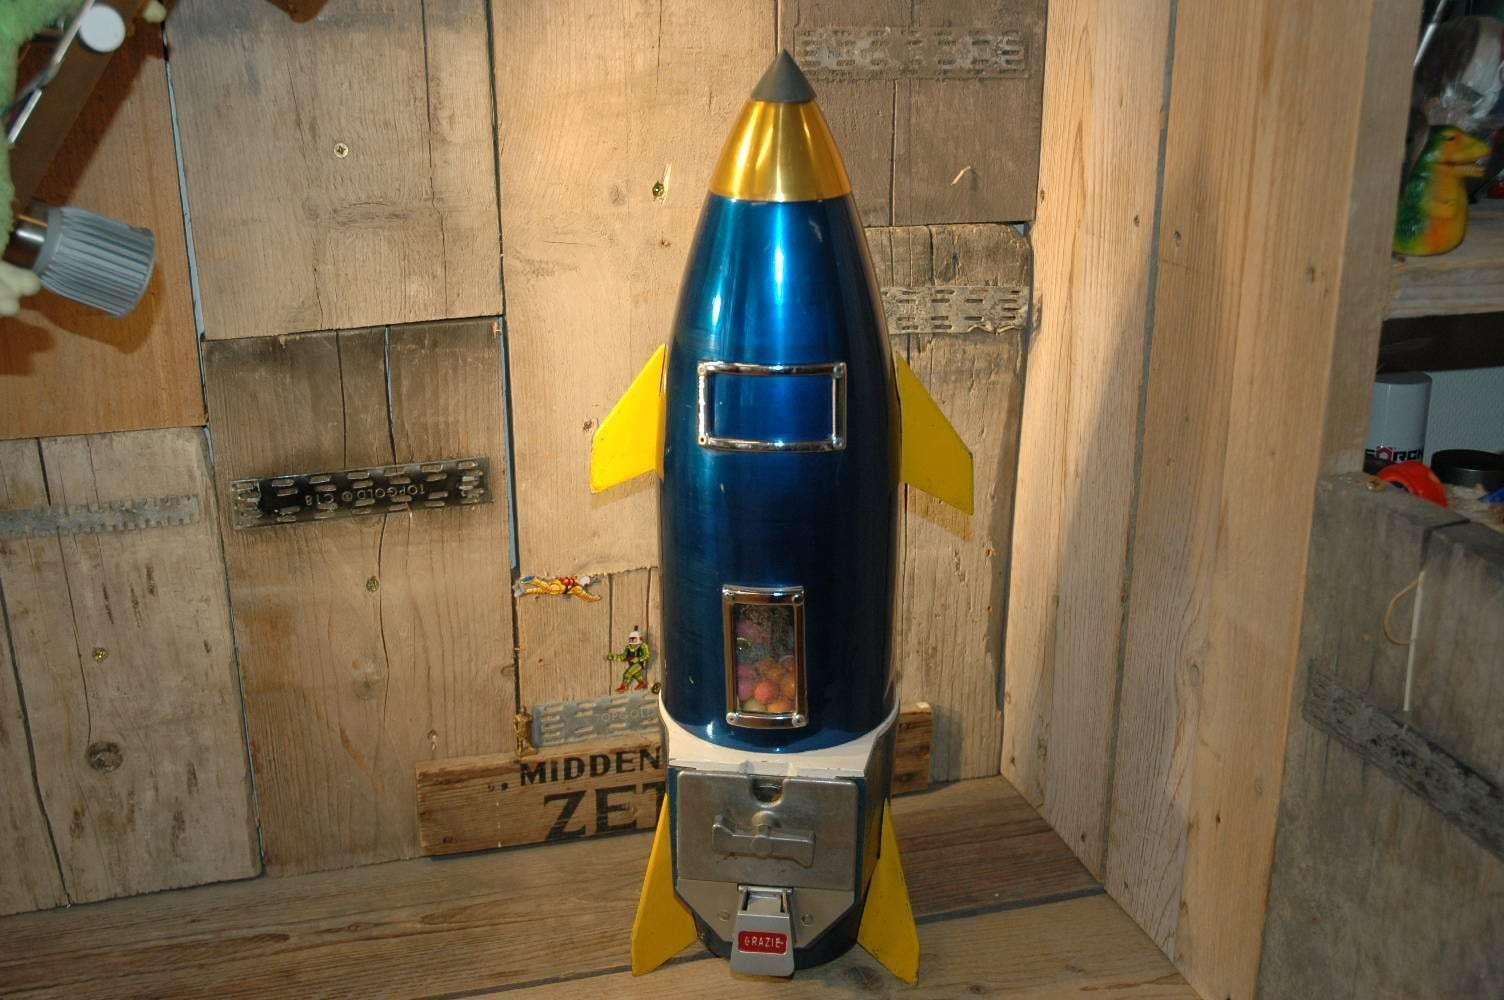 Italy - Rocket Gumball Machine